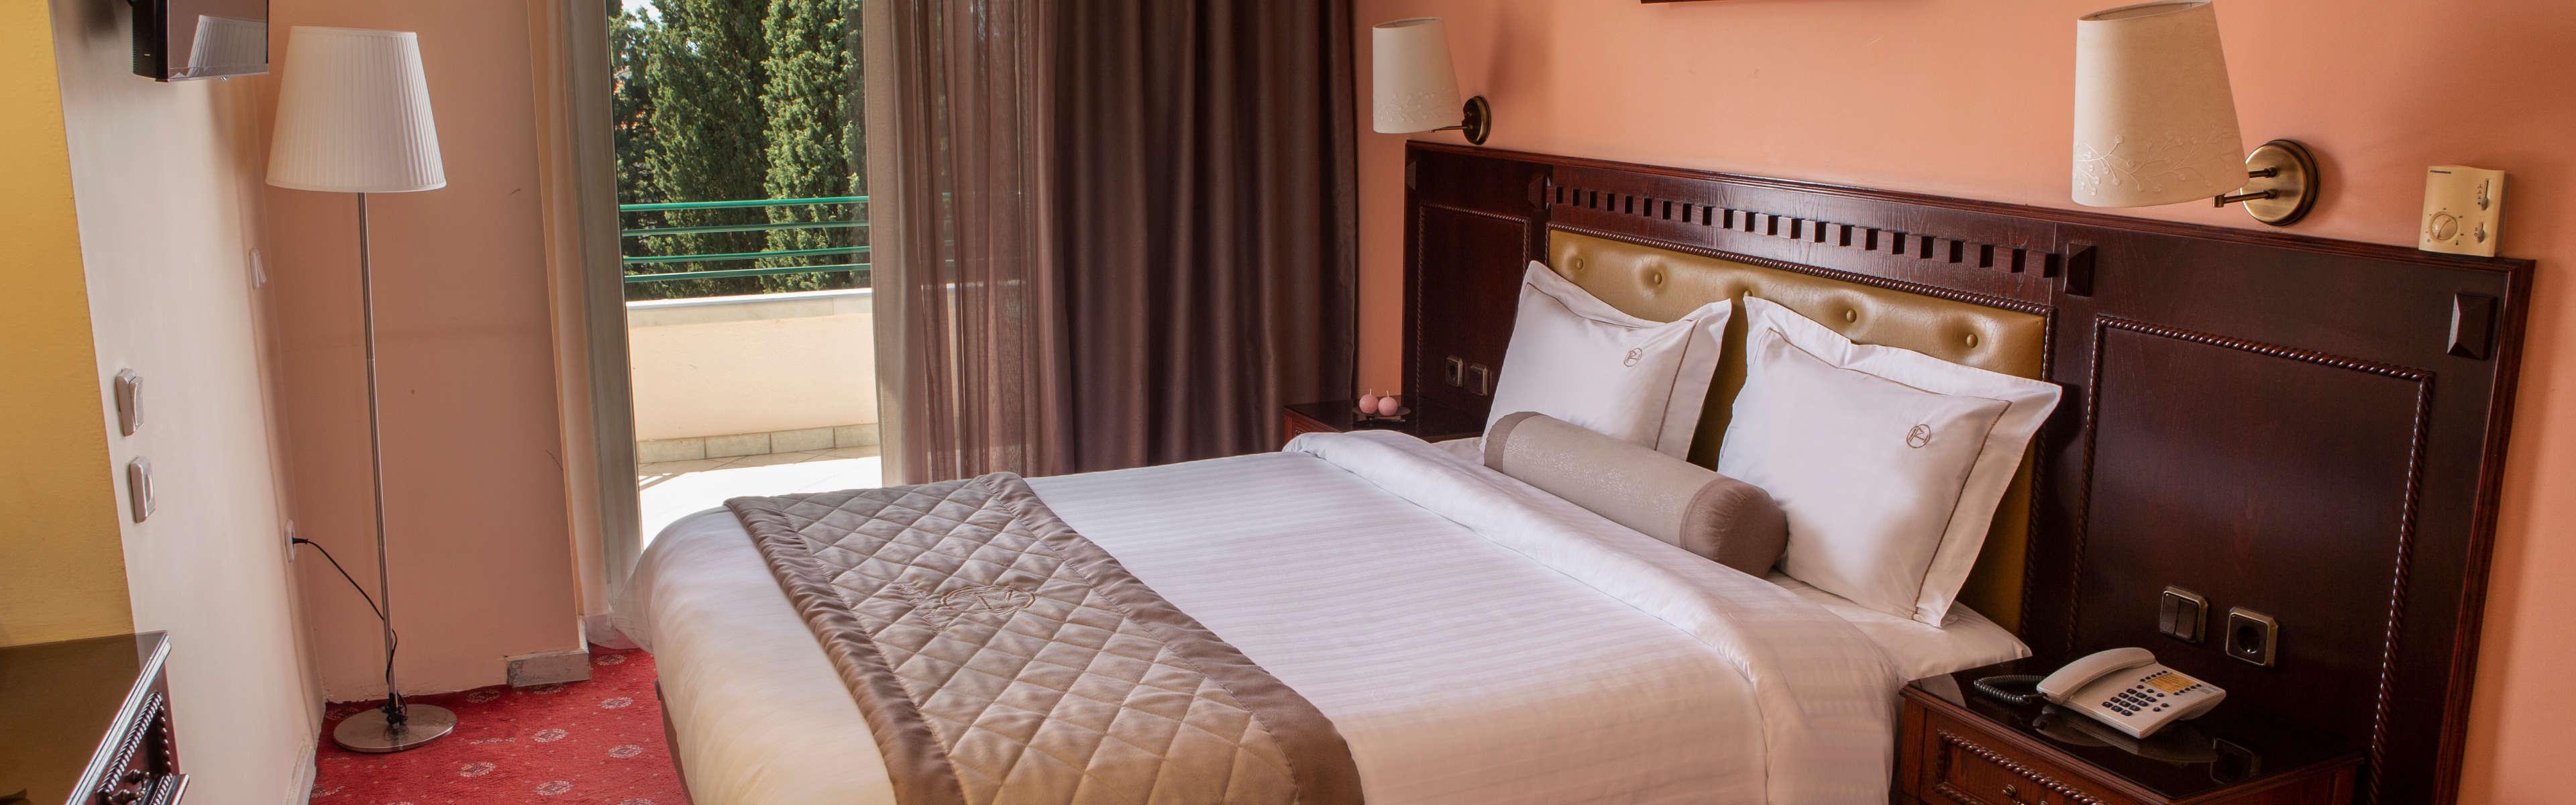 Ξενοδοχείο Pella Hotel στα Γιαννιτσά